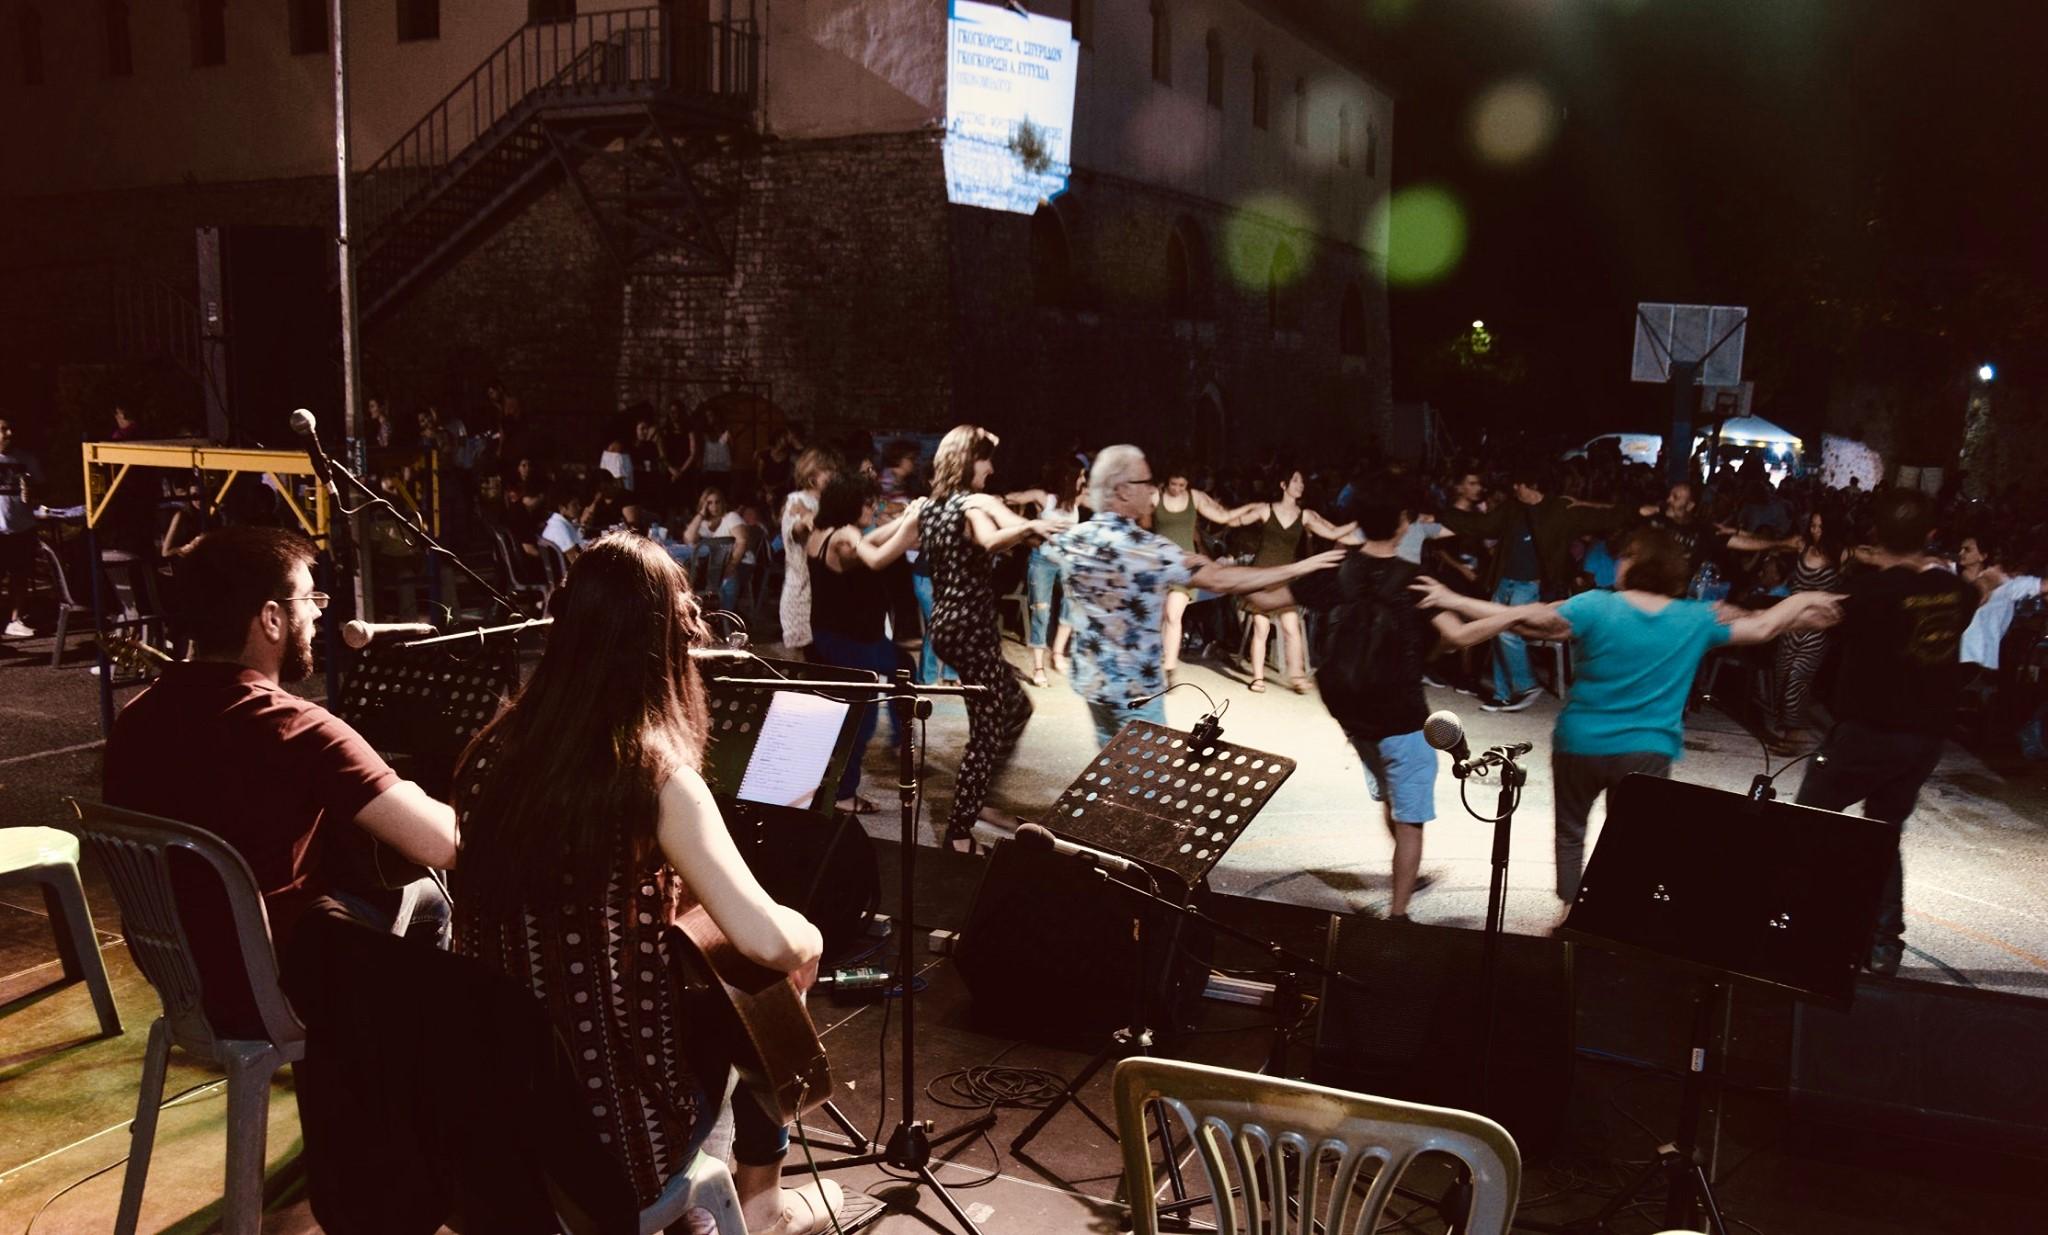 Φεστιβάλ Ρεμπέτικου | Γιάννενα (29-06-2019)